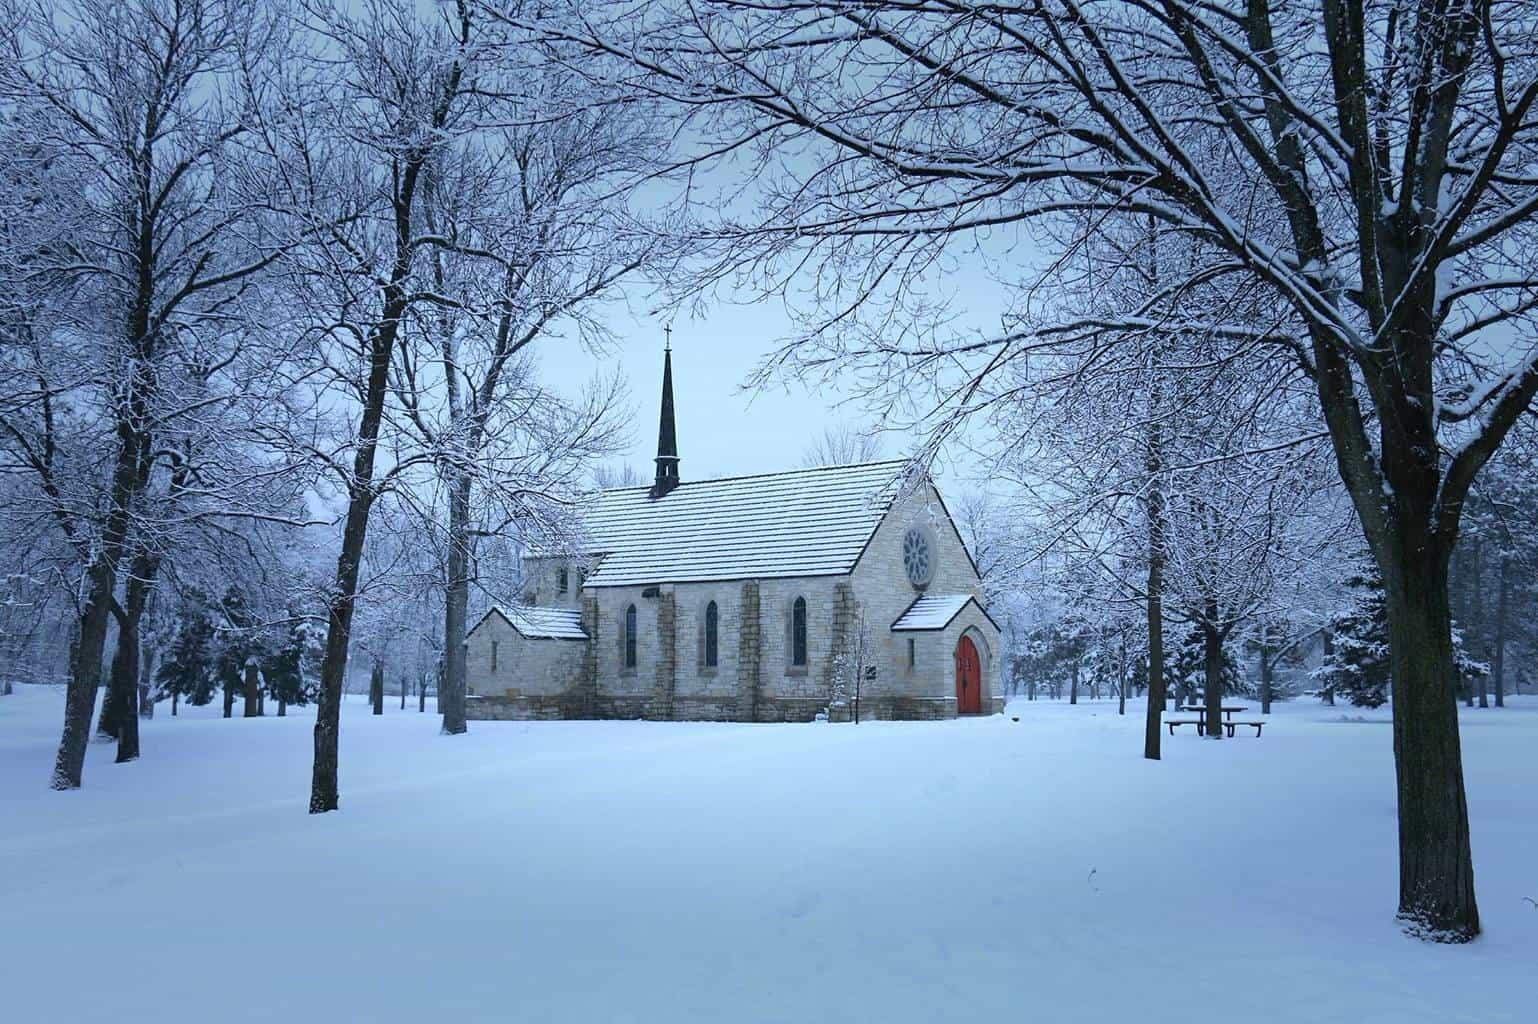 Winter wonderland...Eau Claire,Wi